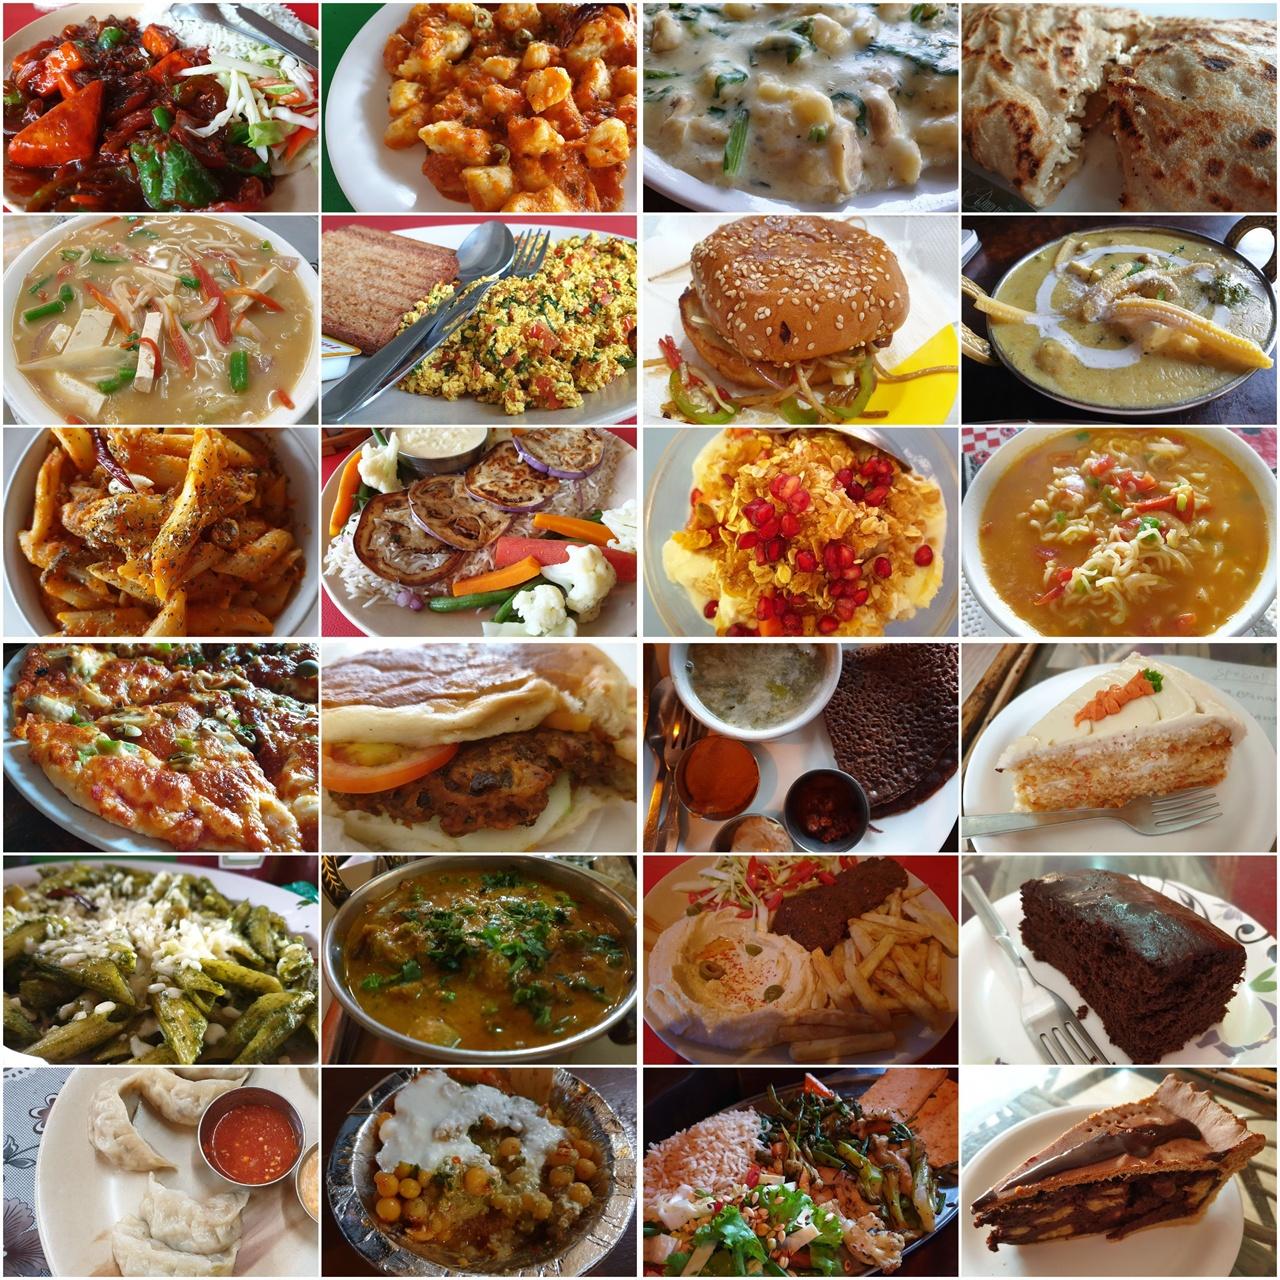 인도 북부의 '리시케시'에서 먹었던 다채로운 채식 음식. 유제품이 들어간 일부 메뉴를 제외하면 모두 비건이다.